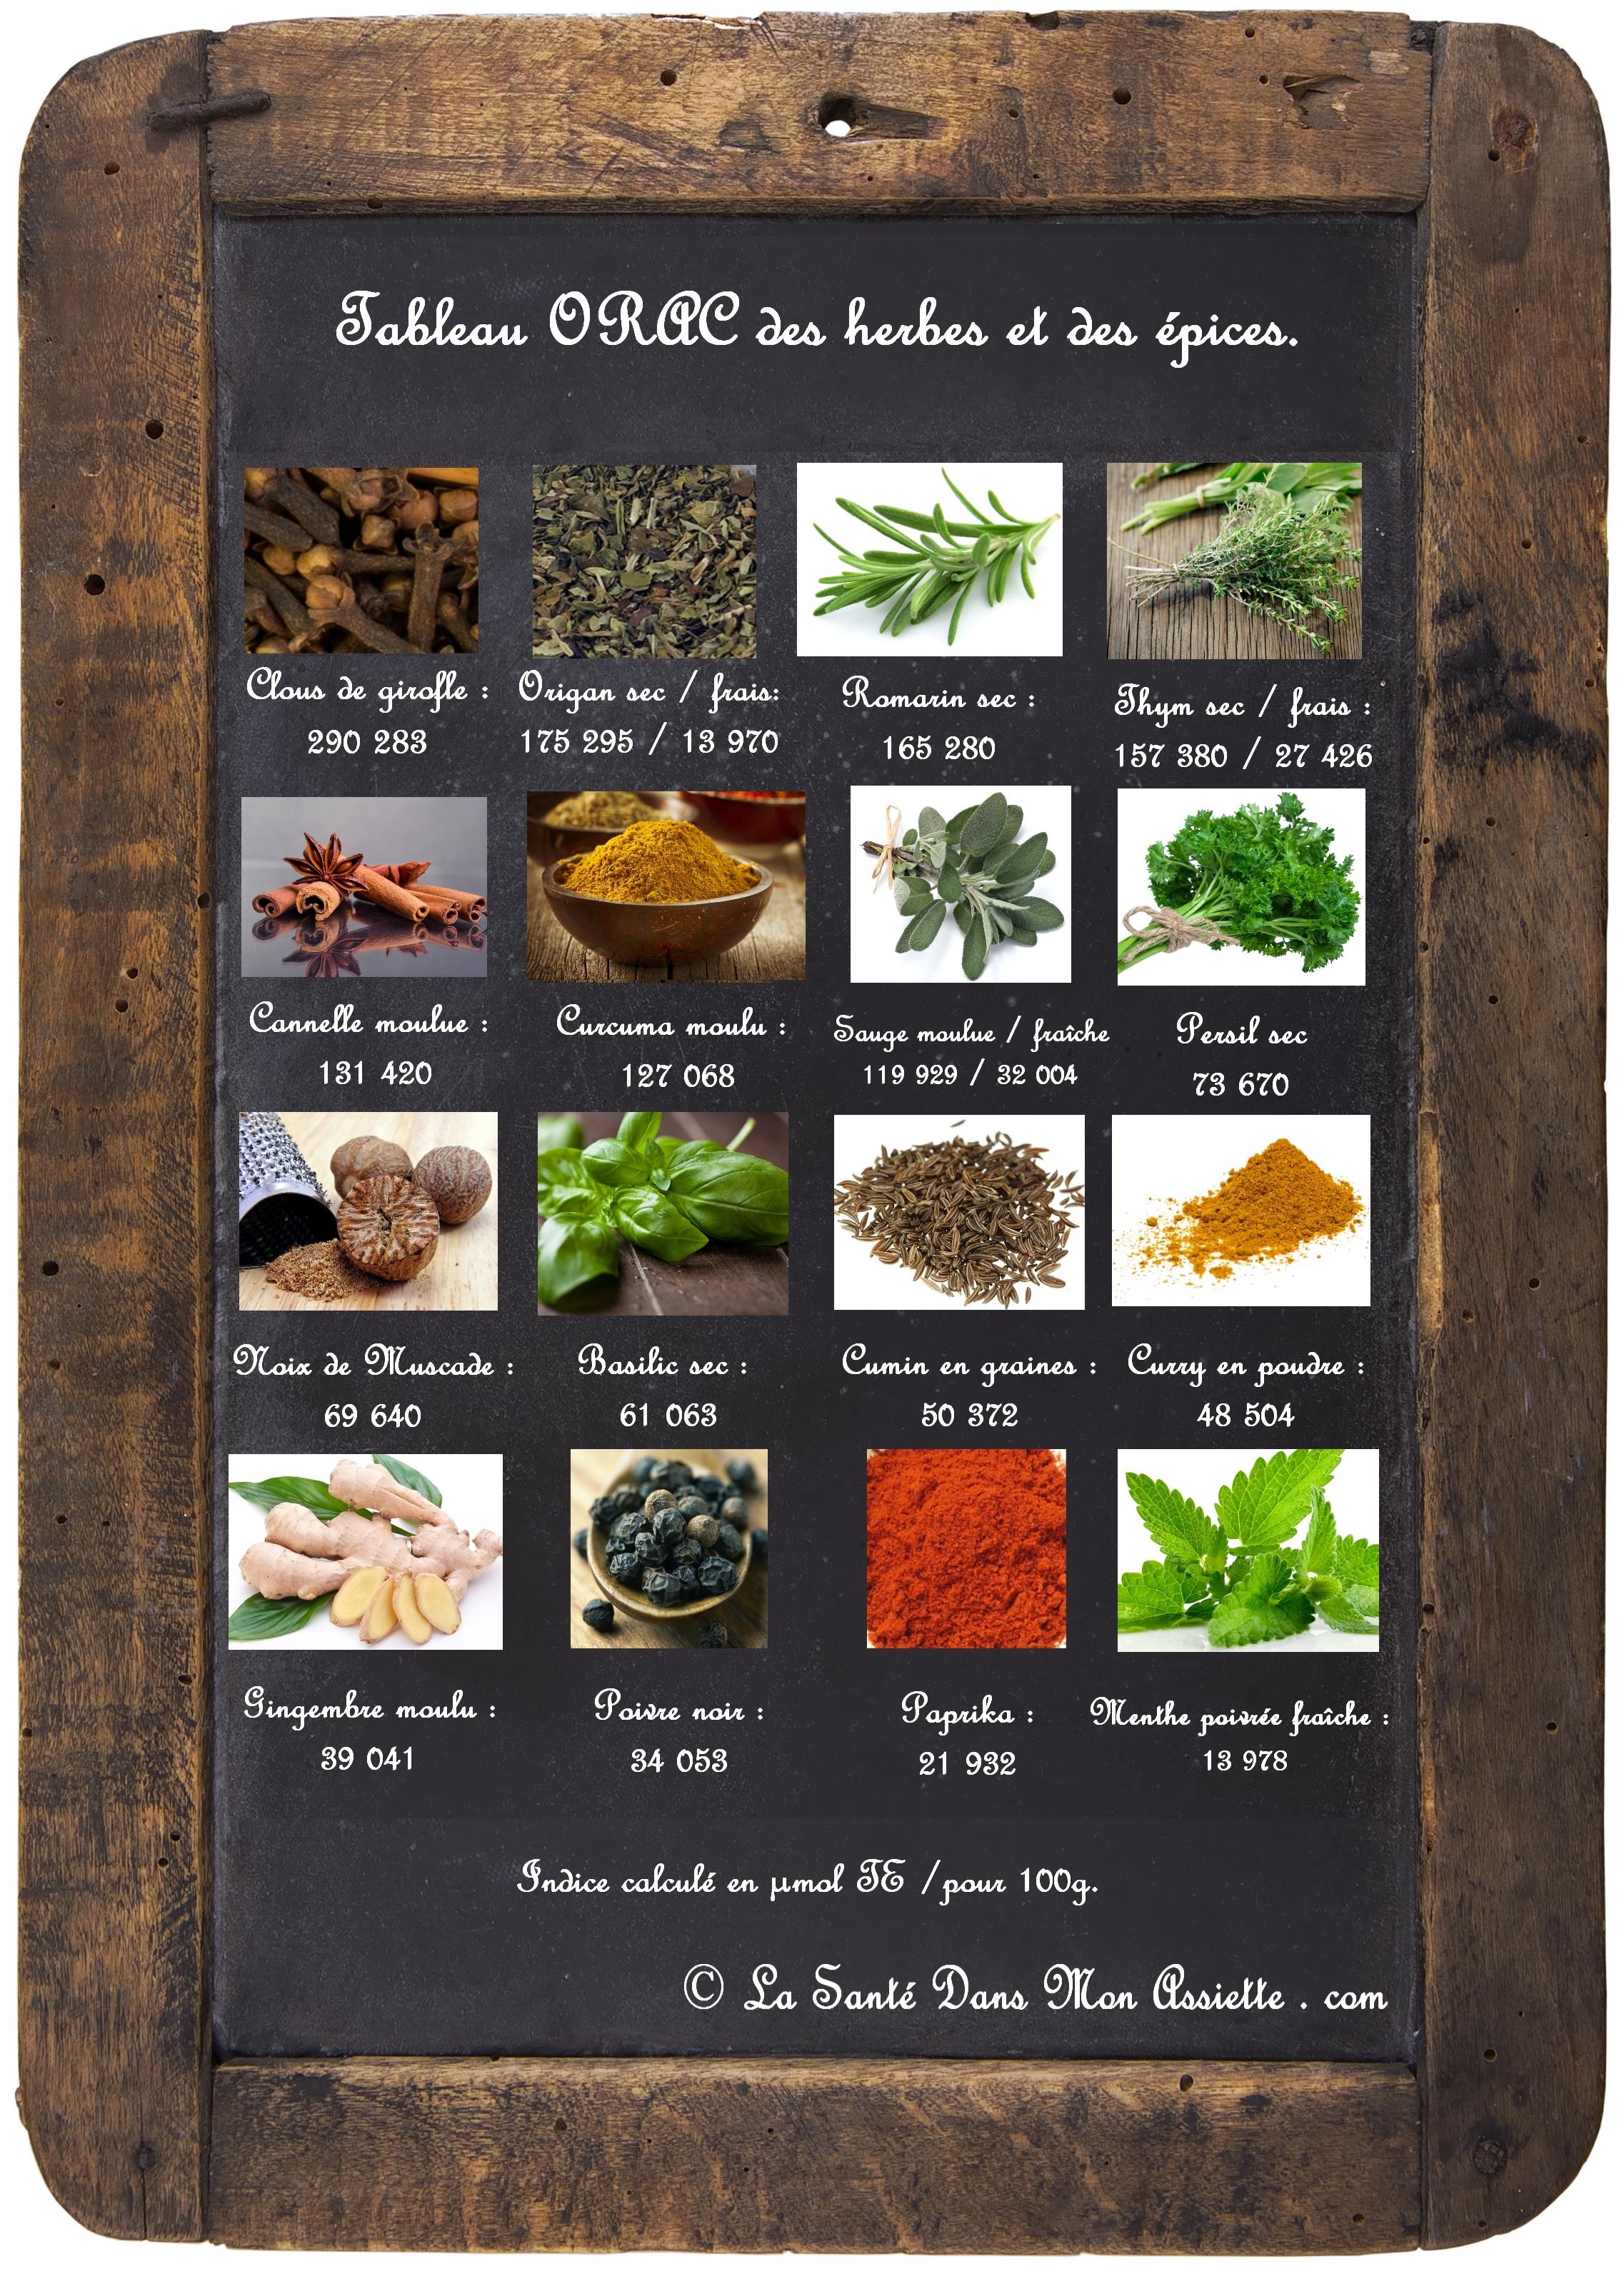 liste ORAC herbes et epices